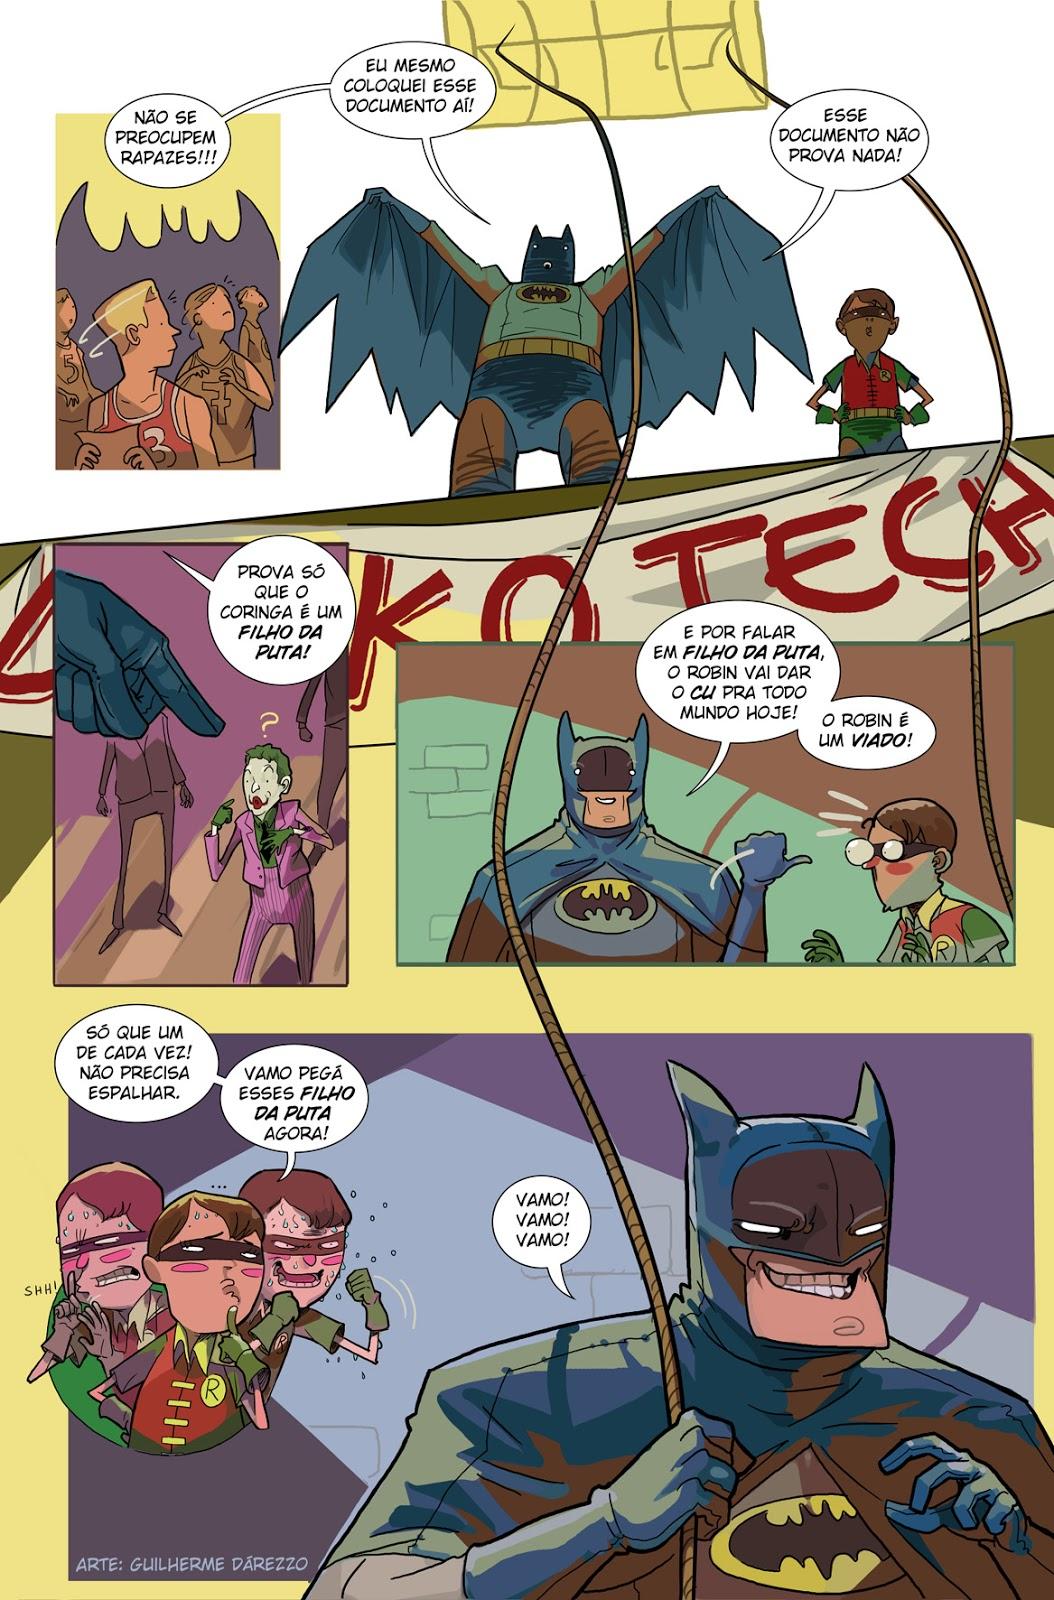 [Tópico Oficial] Batman na Feira da Fruta em Quadrinhos - Página 4 Feira+da+Fruta+29